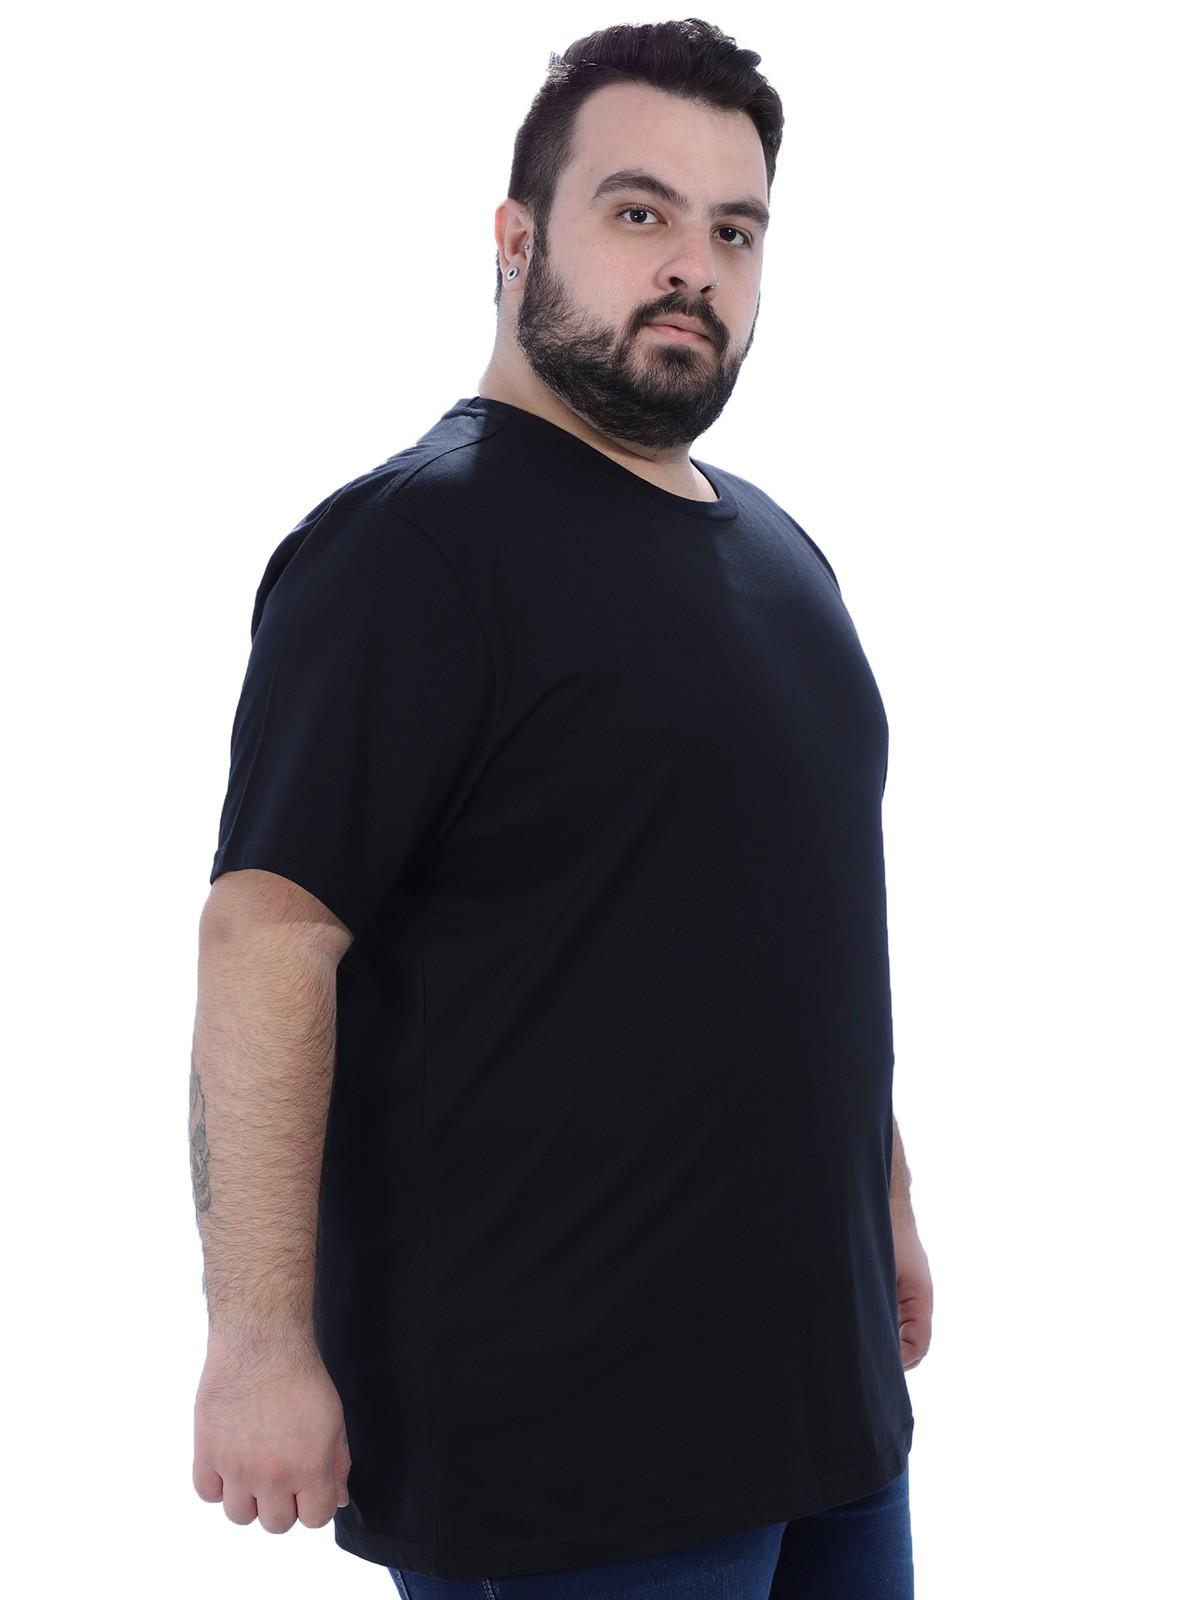 Camiseta Plus Size Masculino Lisa Preta